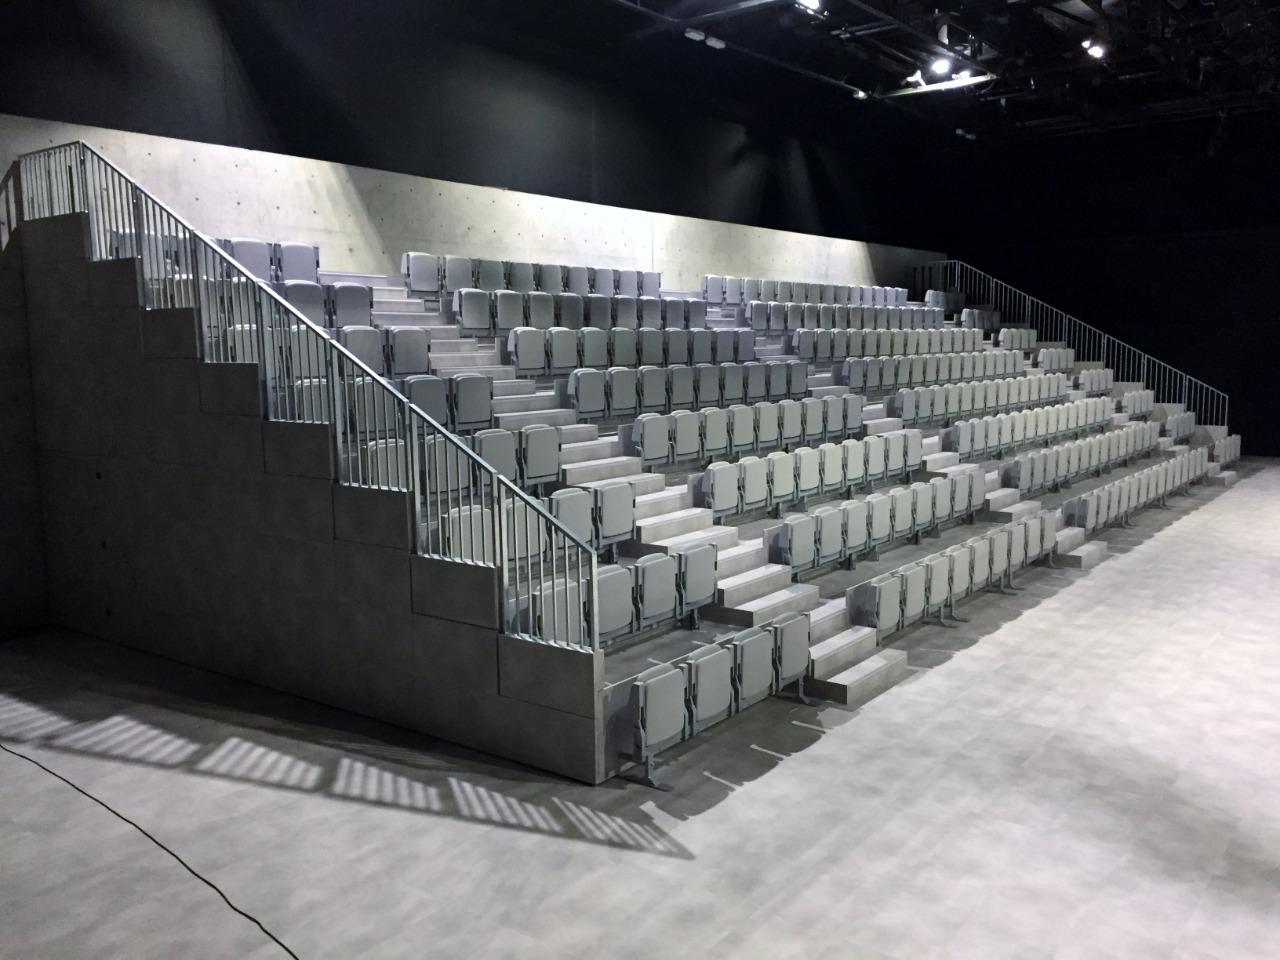 Gallery foto n.9 Tribune telescopiche - Teatro Armani